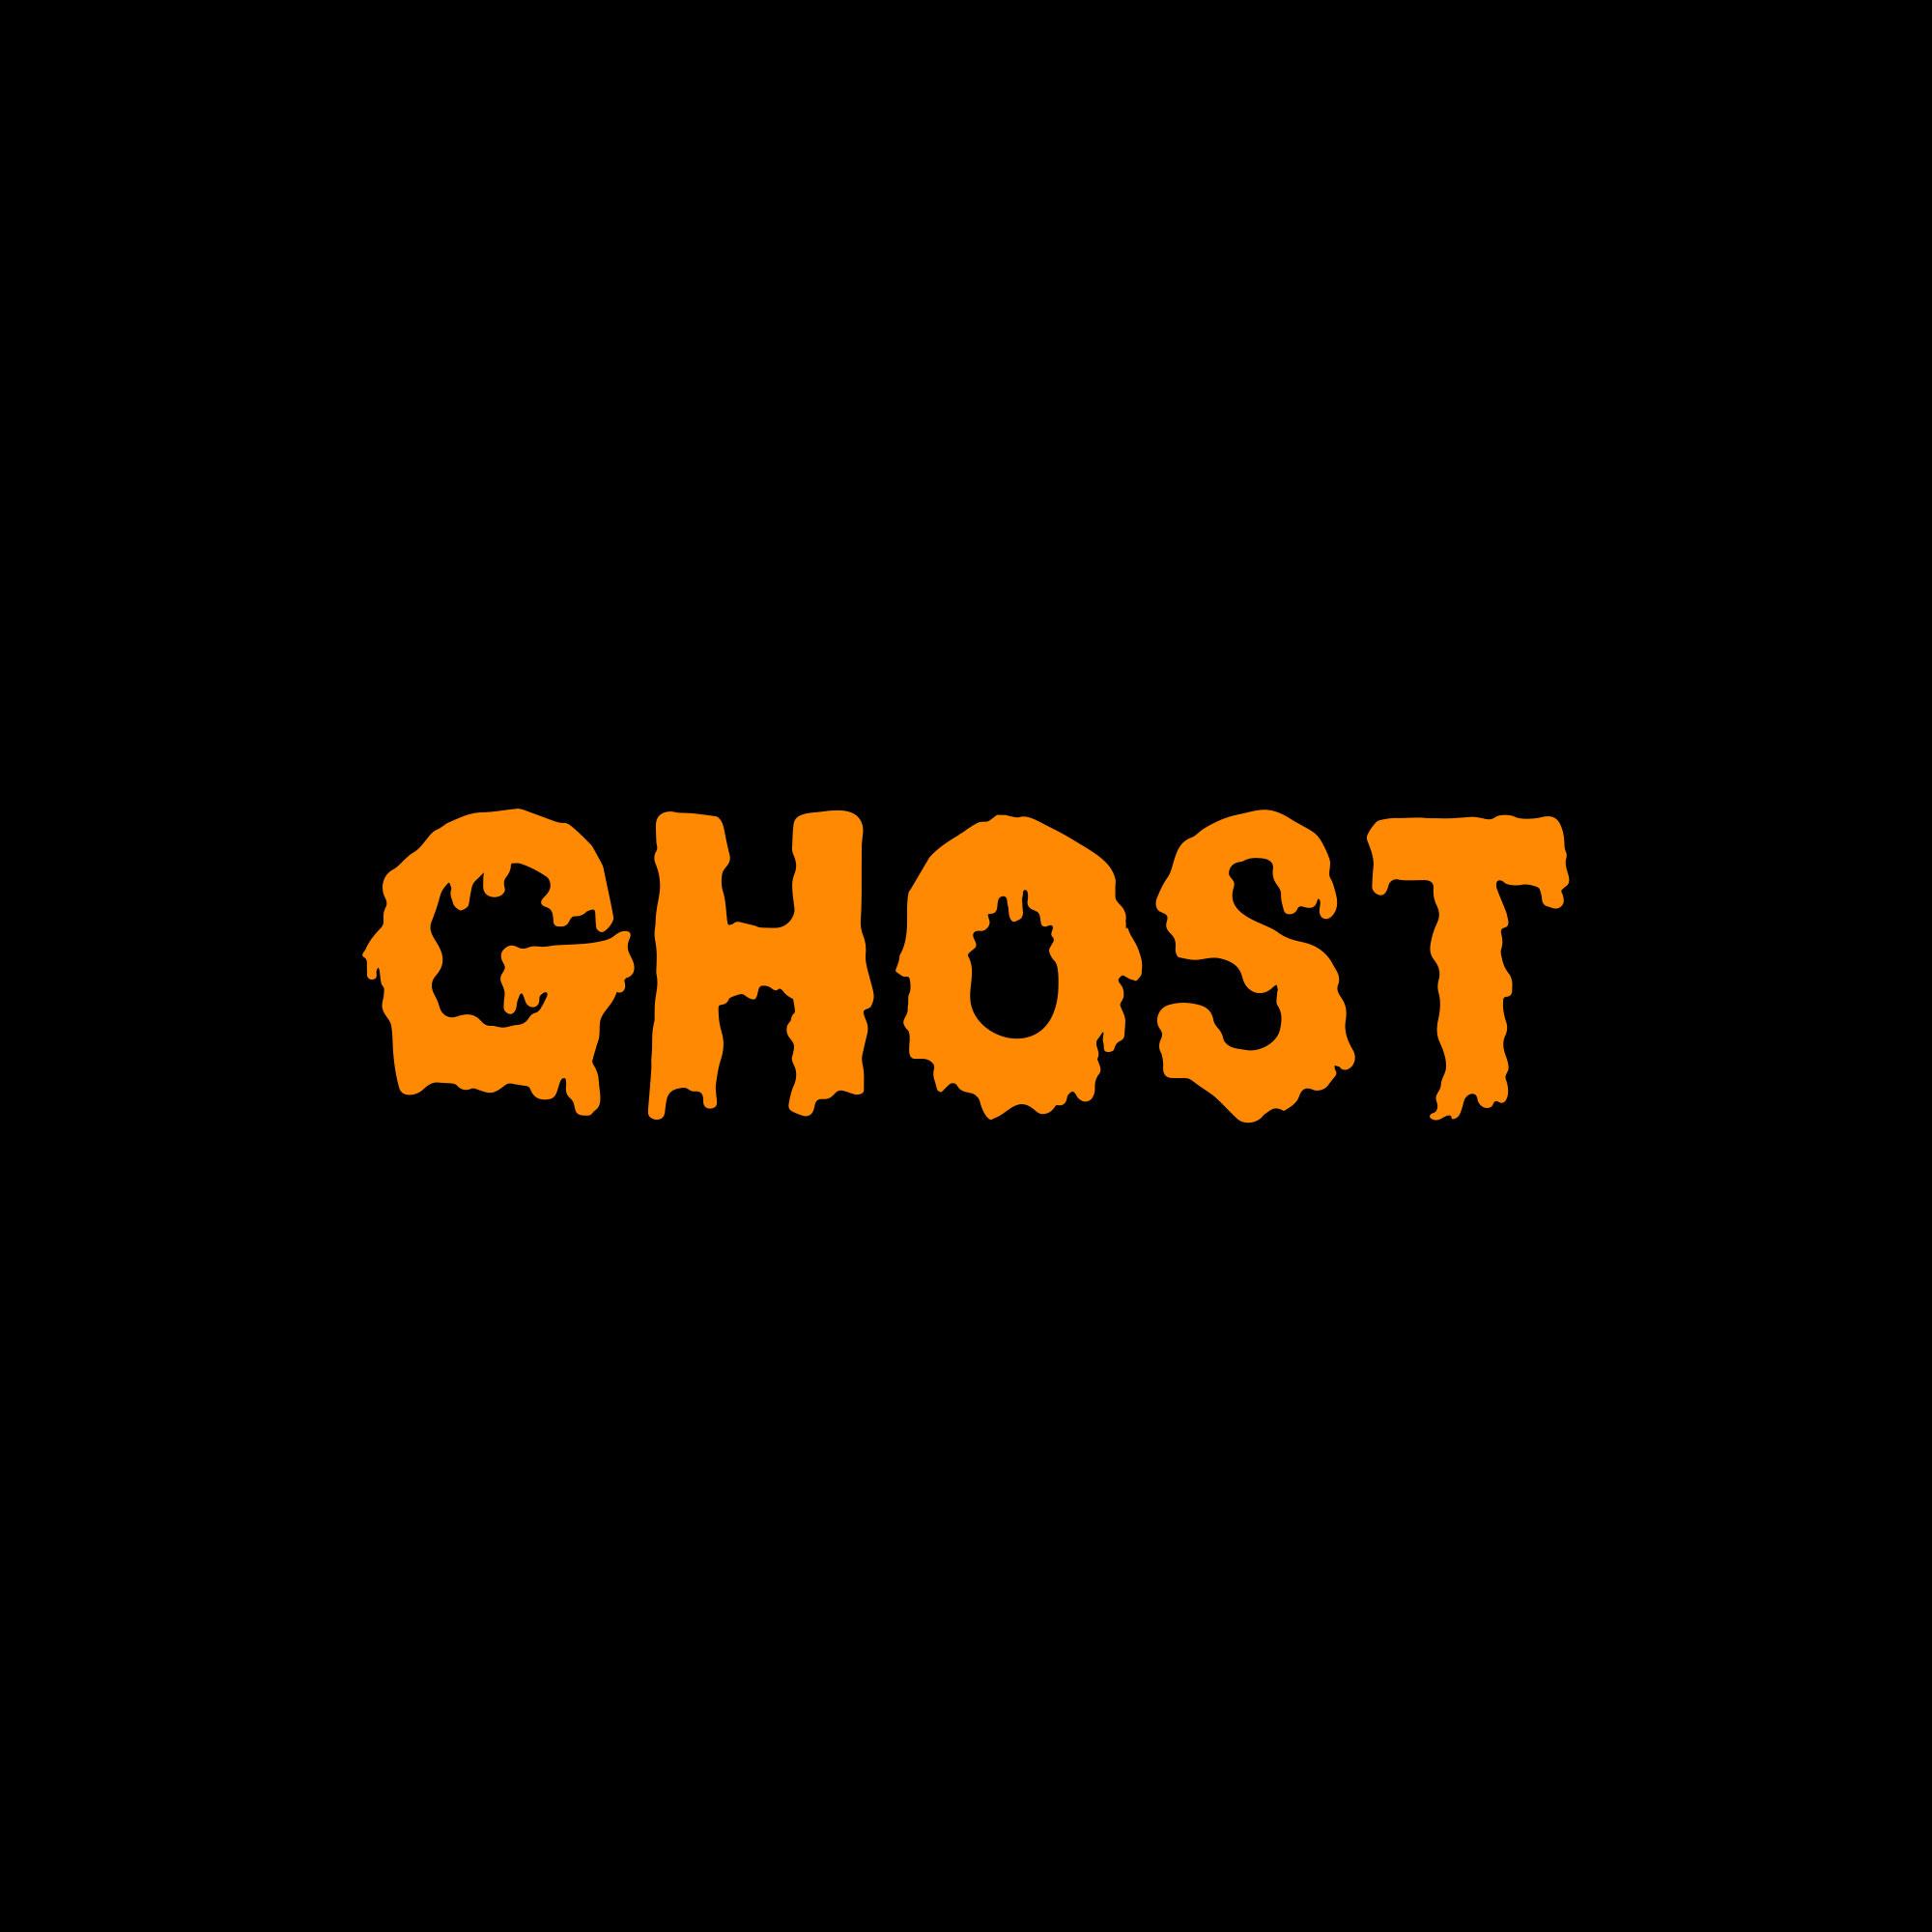 09-GhostStories-DBSTF-04b